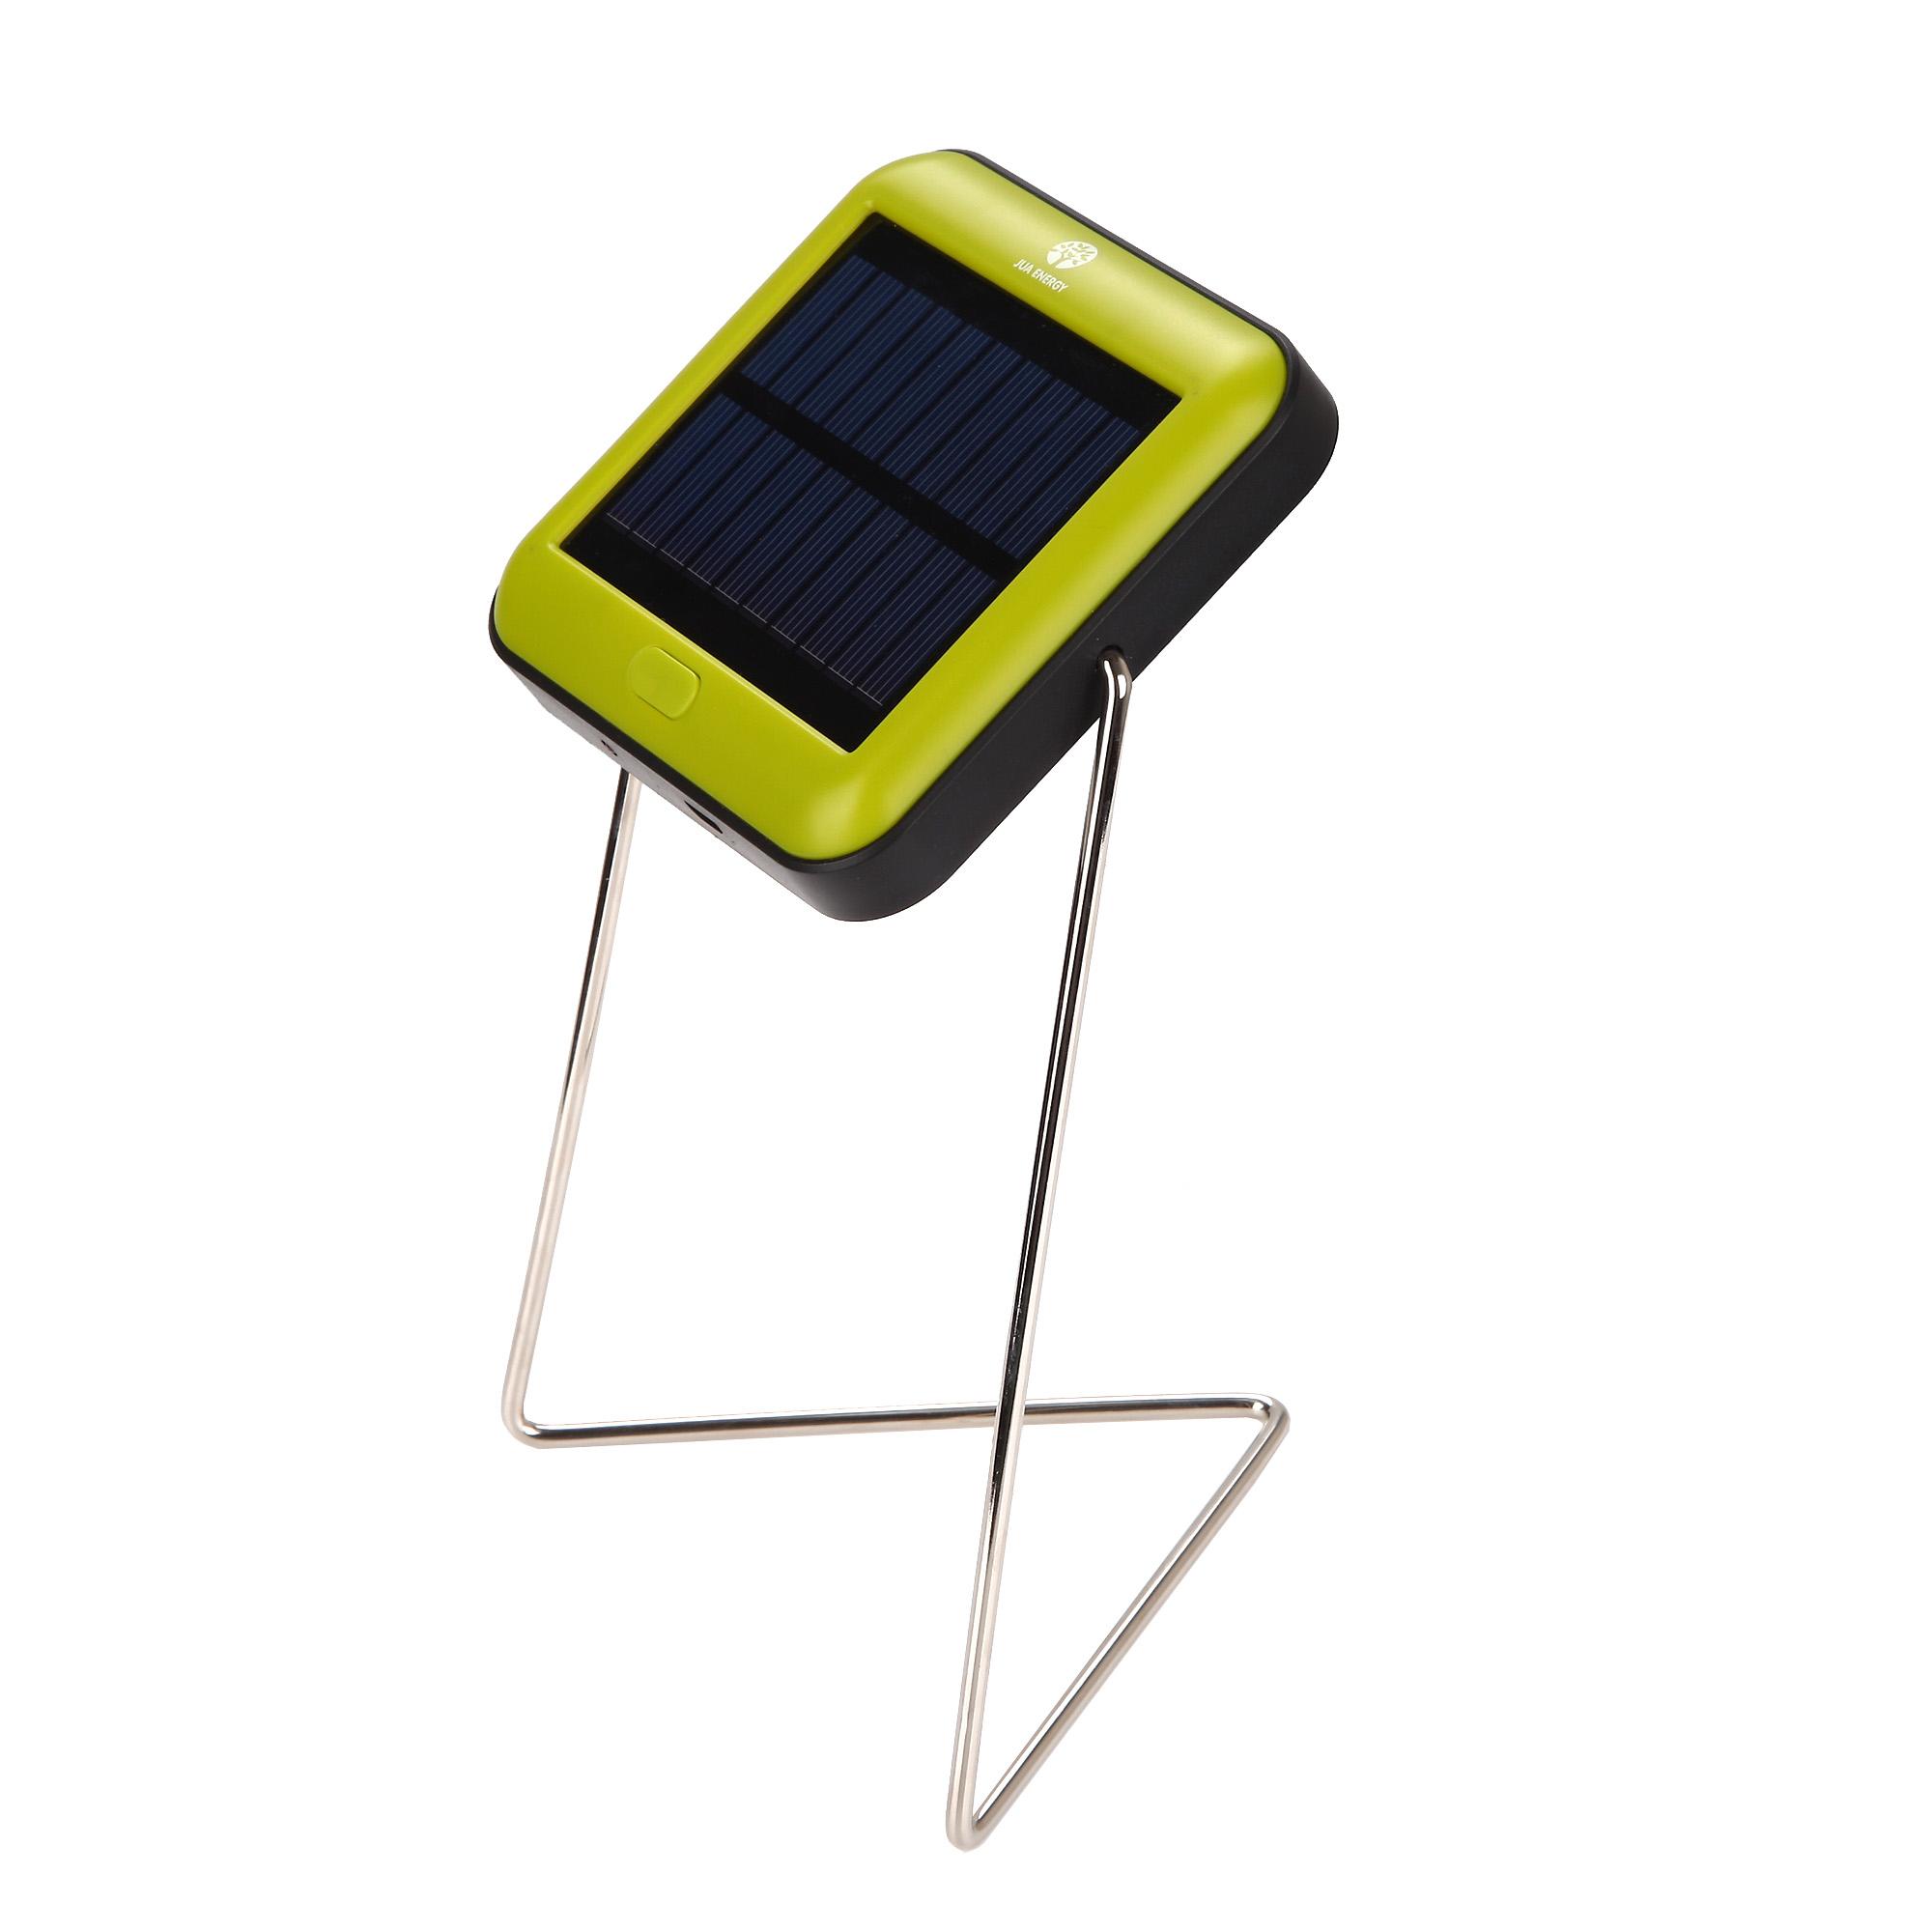 JUA Energy L1/L1 eco solar reading light